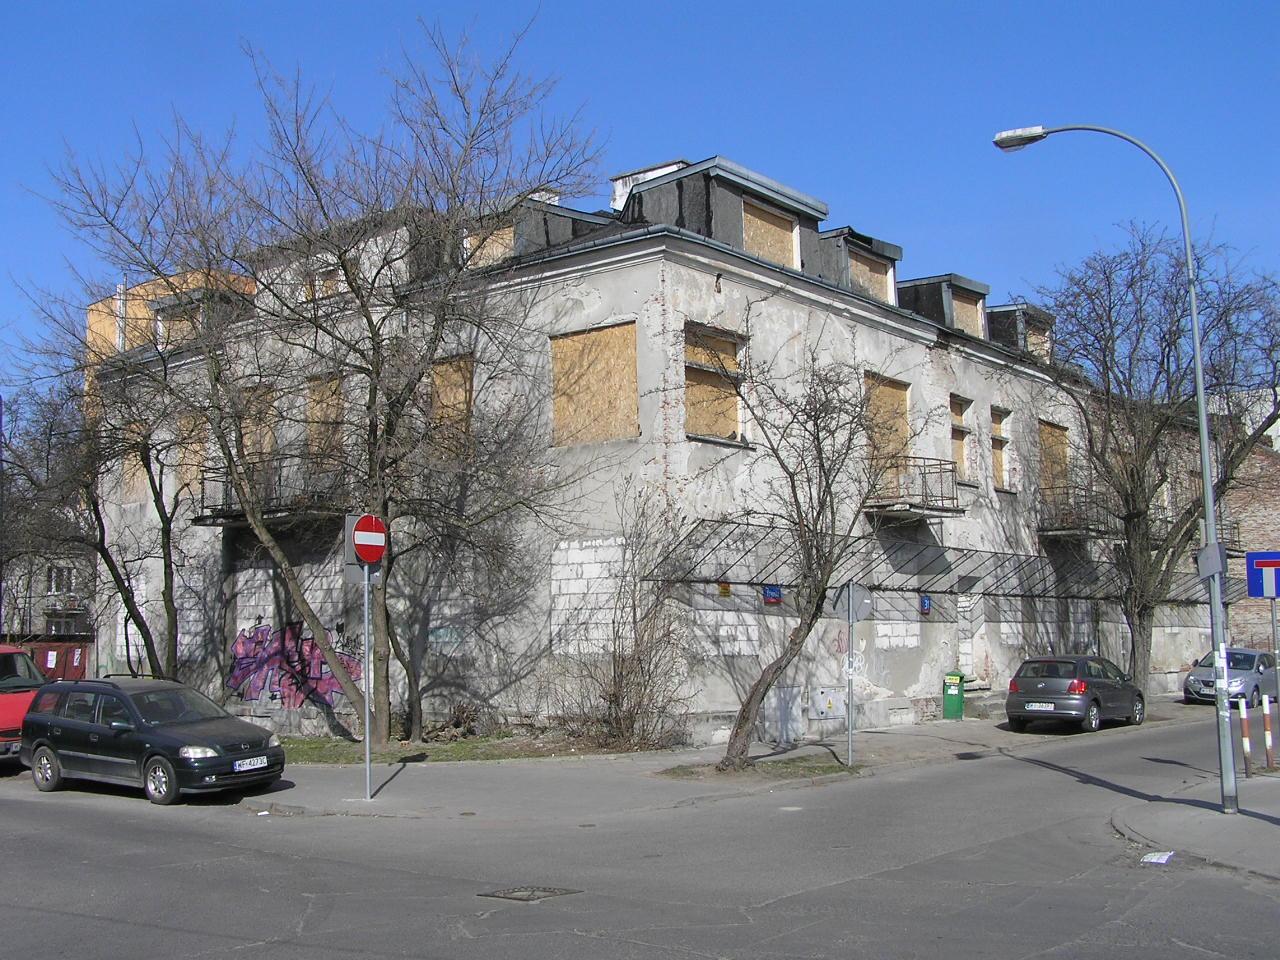 Kamienica przy ulicy Krypskiej 31 na Grochowie